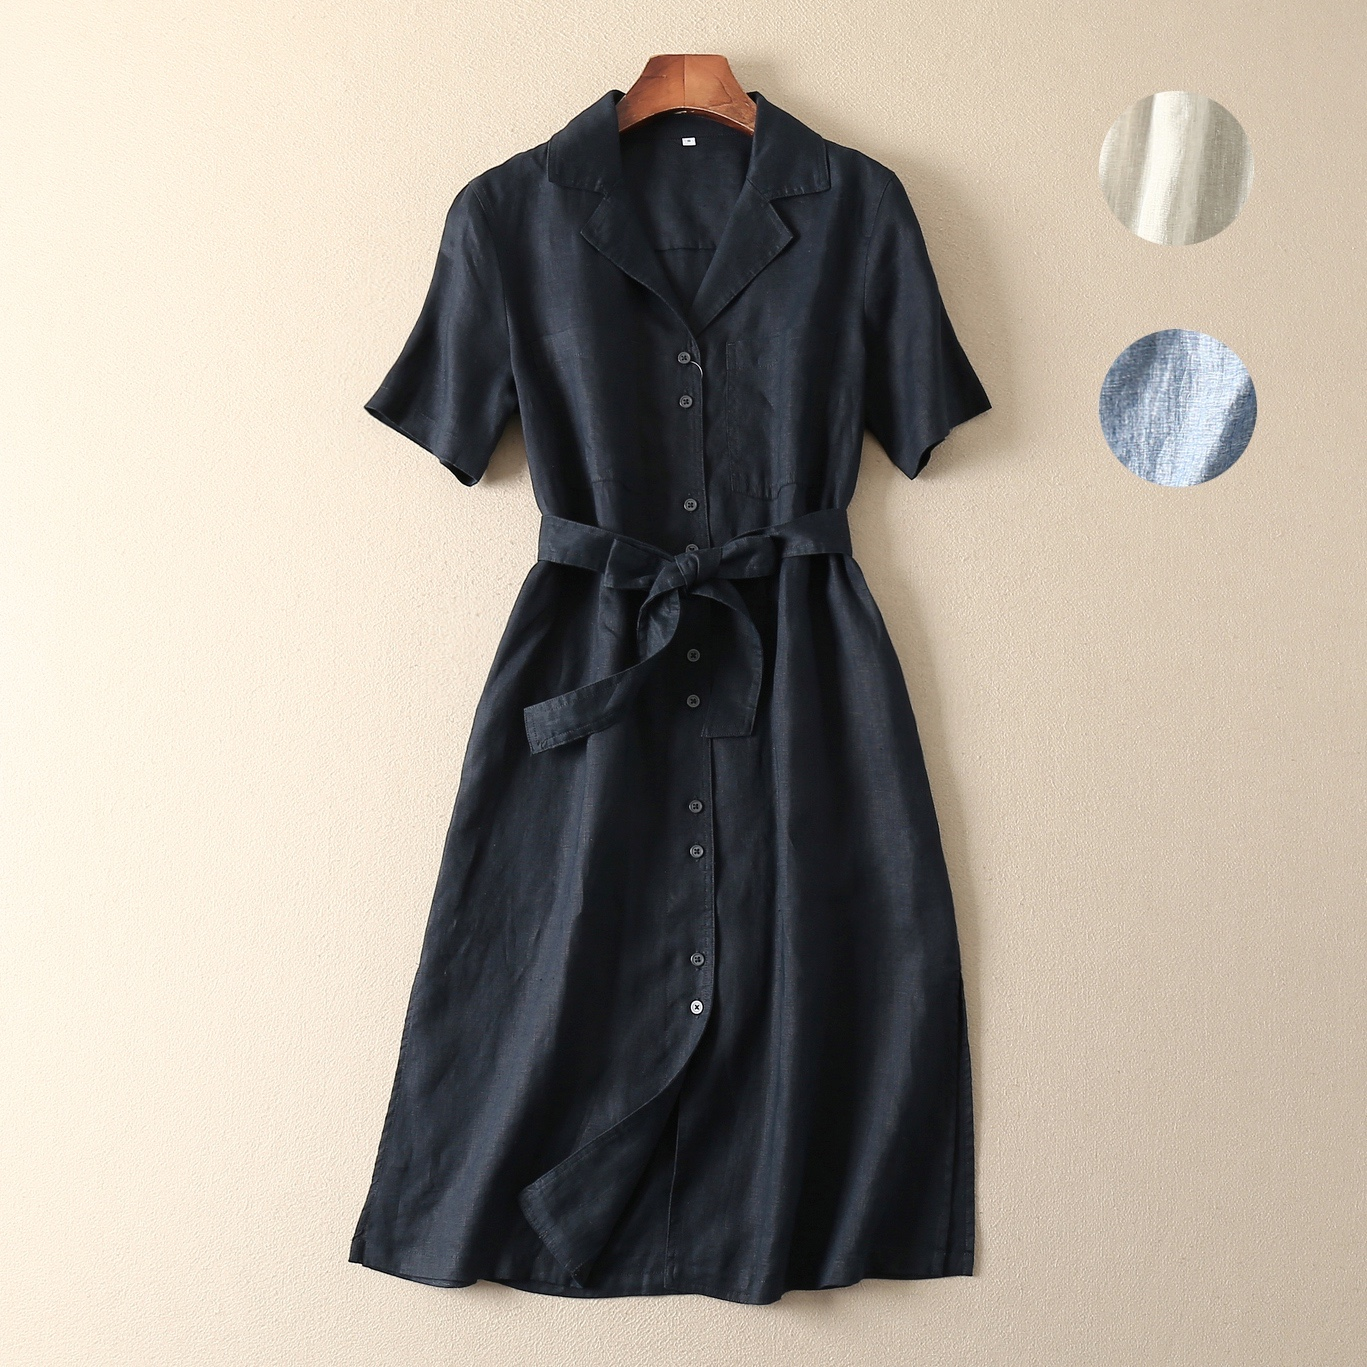 日本日系外贸女装西装领麻料亚麻棉麻苎麻短袖开叉中长款连衣裙女